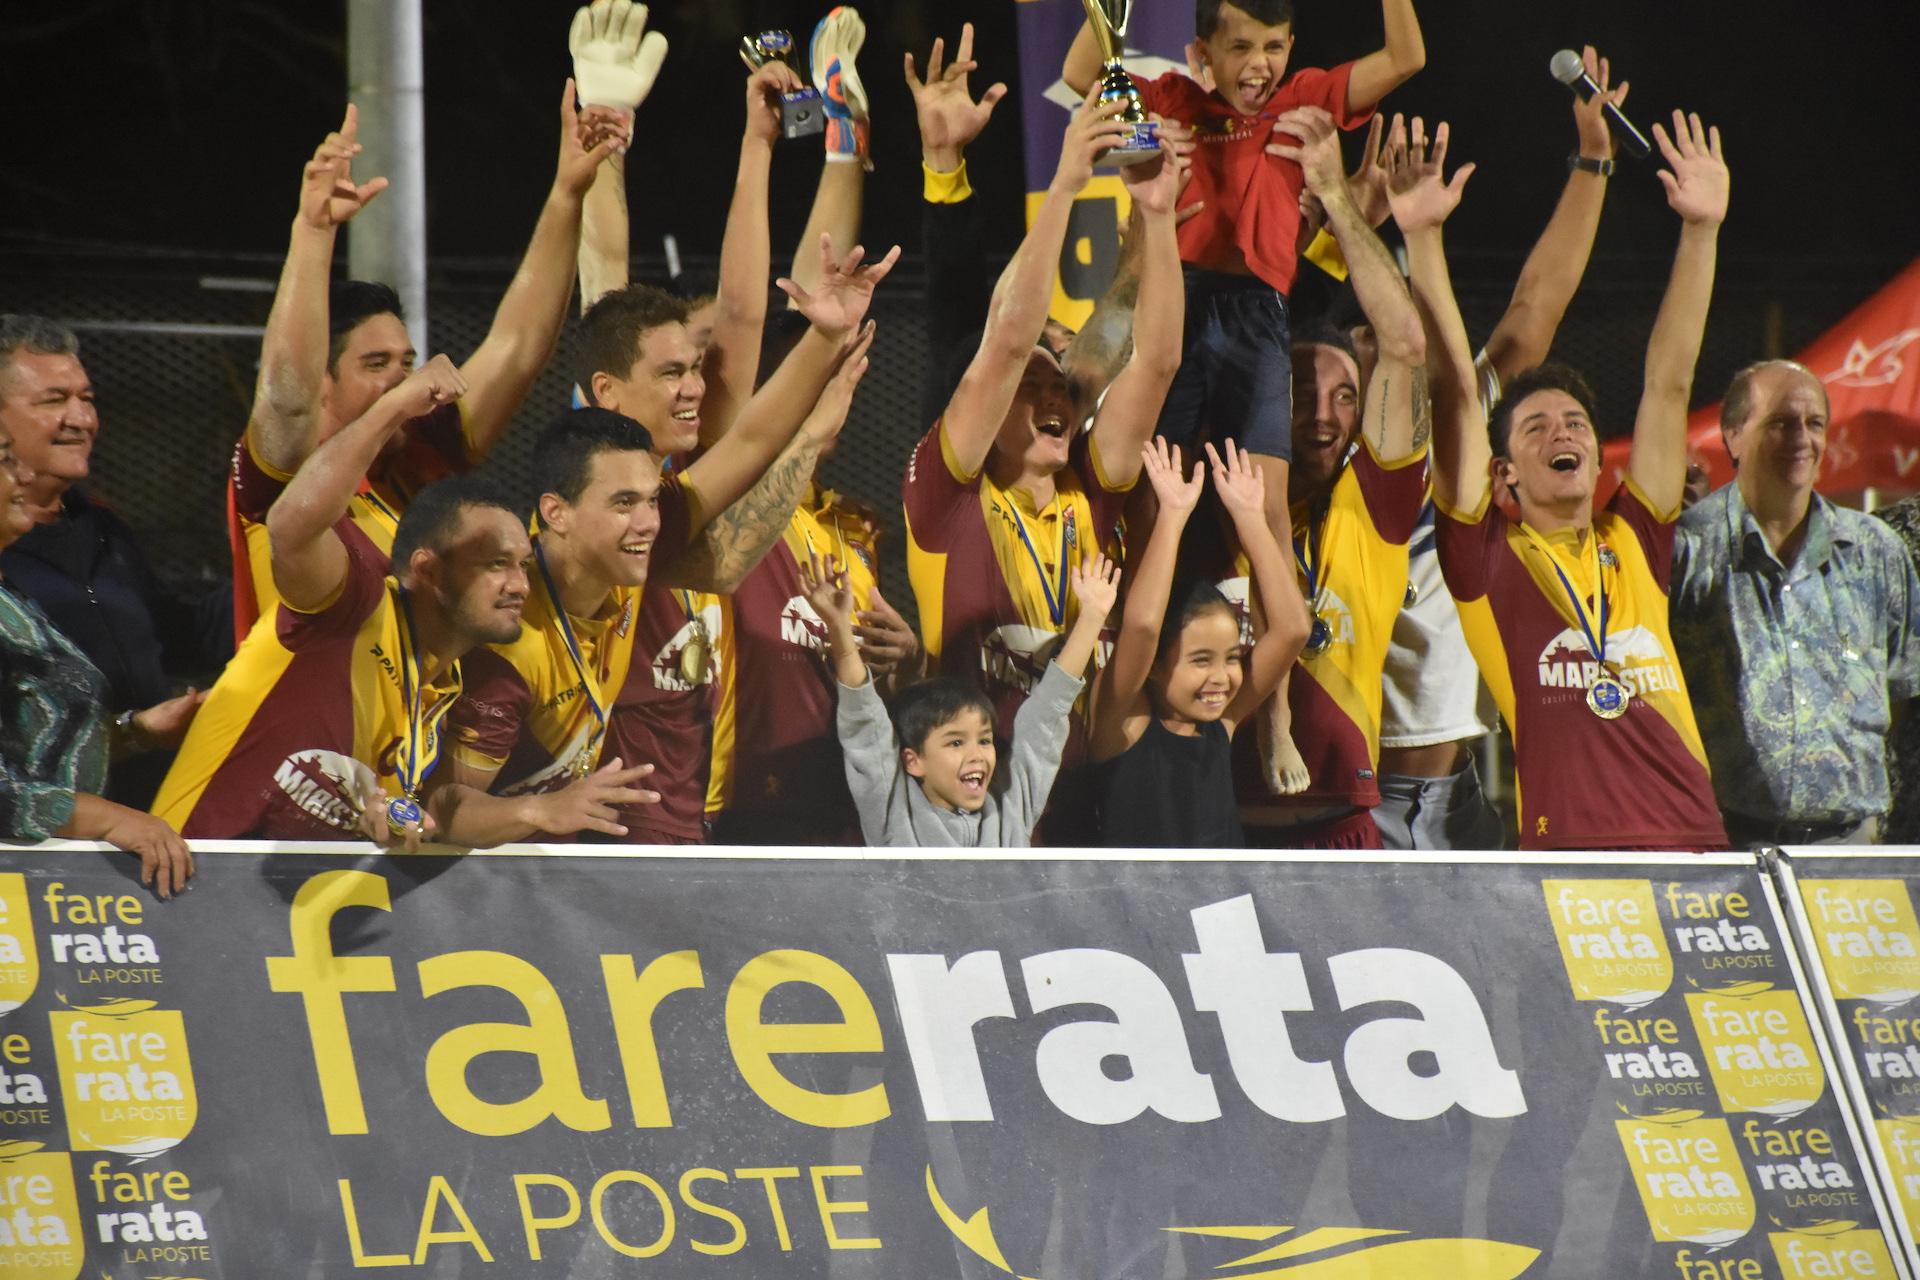 Le capitaine Raimana Li Fung Kuee et son équipe des Tiki Tama ont de nouveau soulevé le trophée de champion du Beach Soccer Tour.